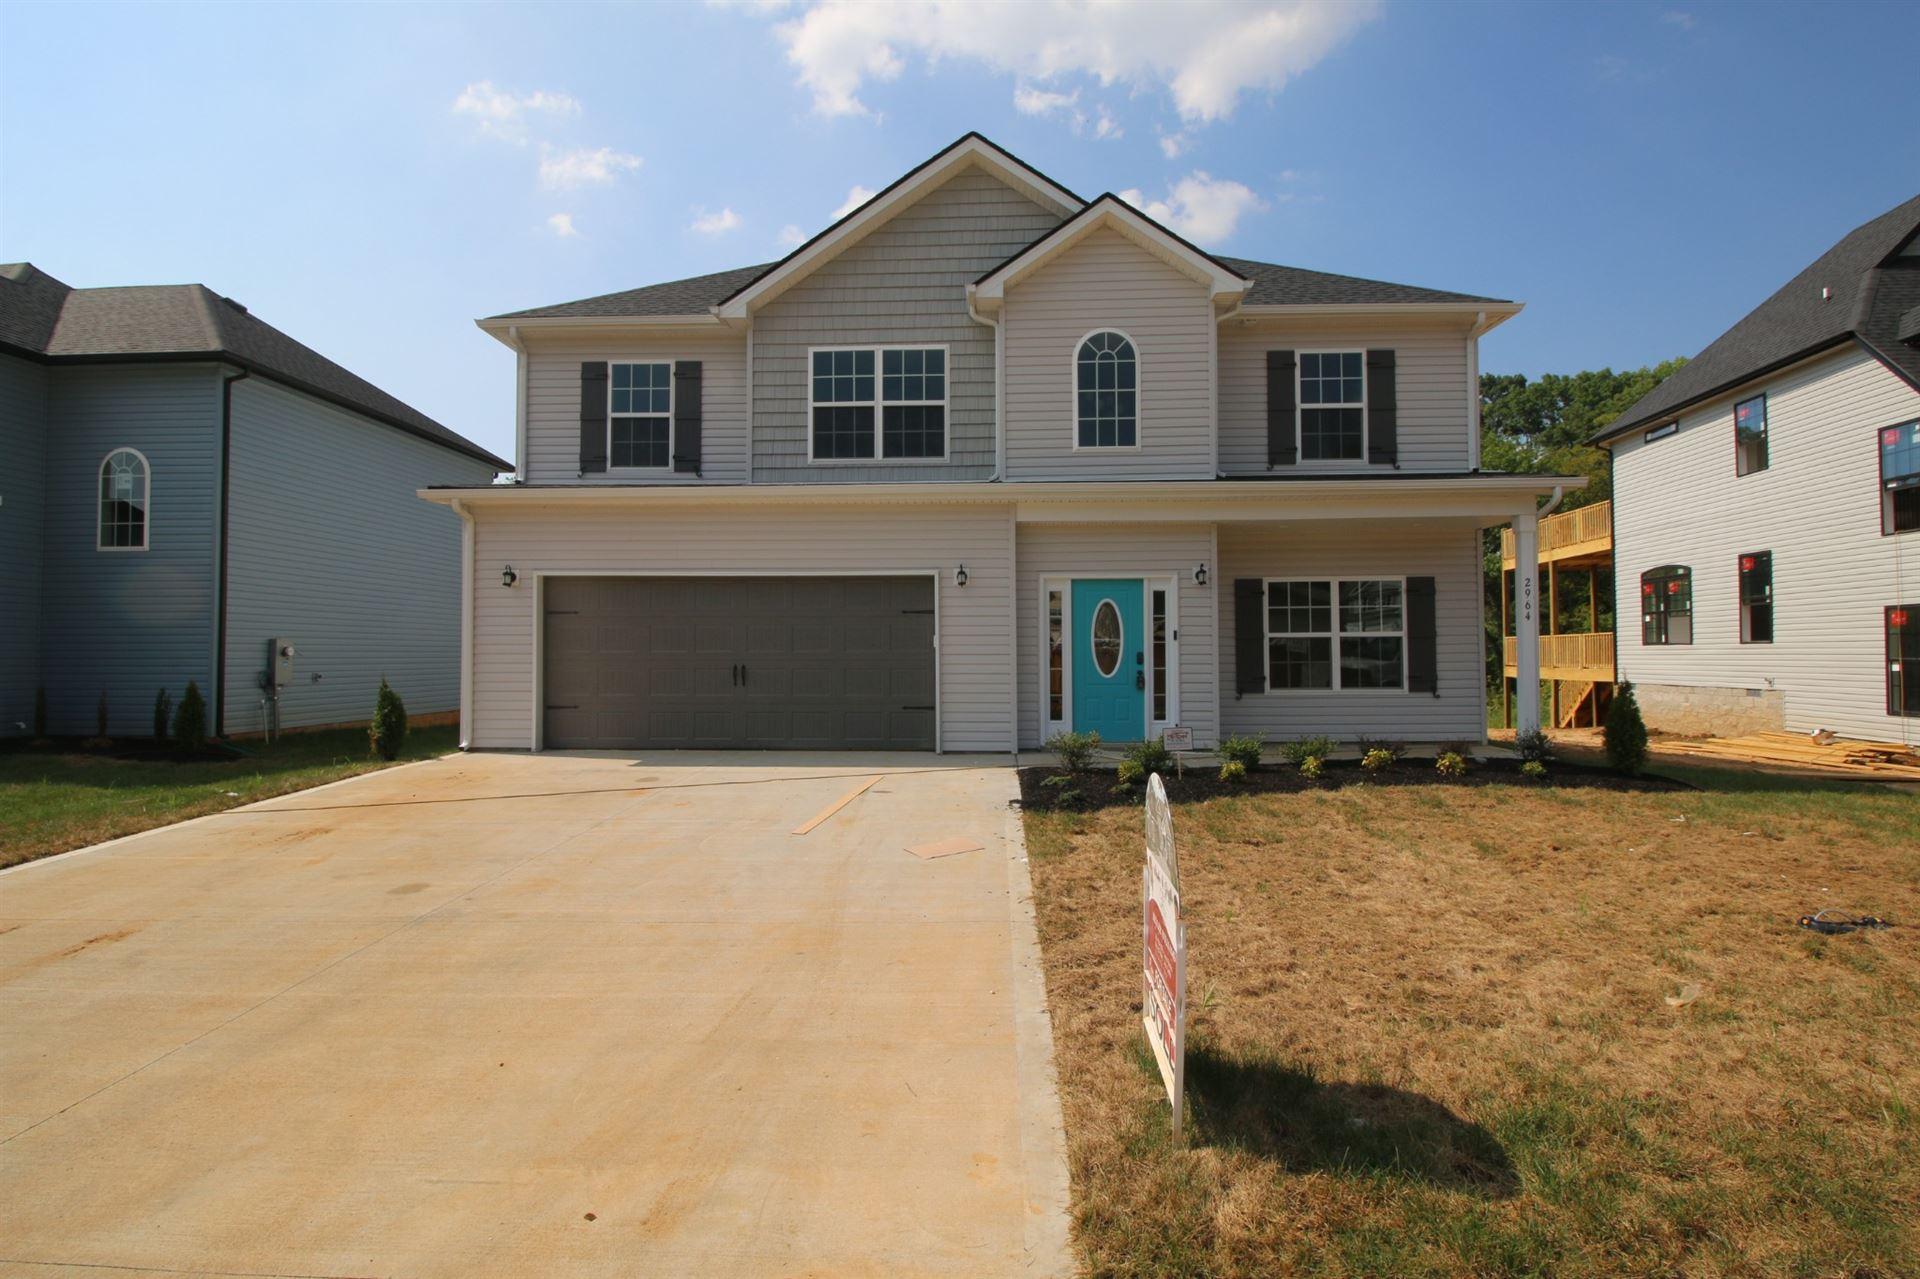 149 Chalet Hills, Clarksville, TN 37040 - MLS#: 2229050